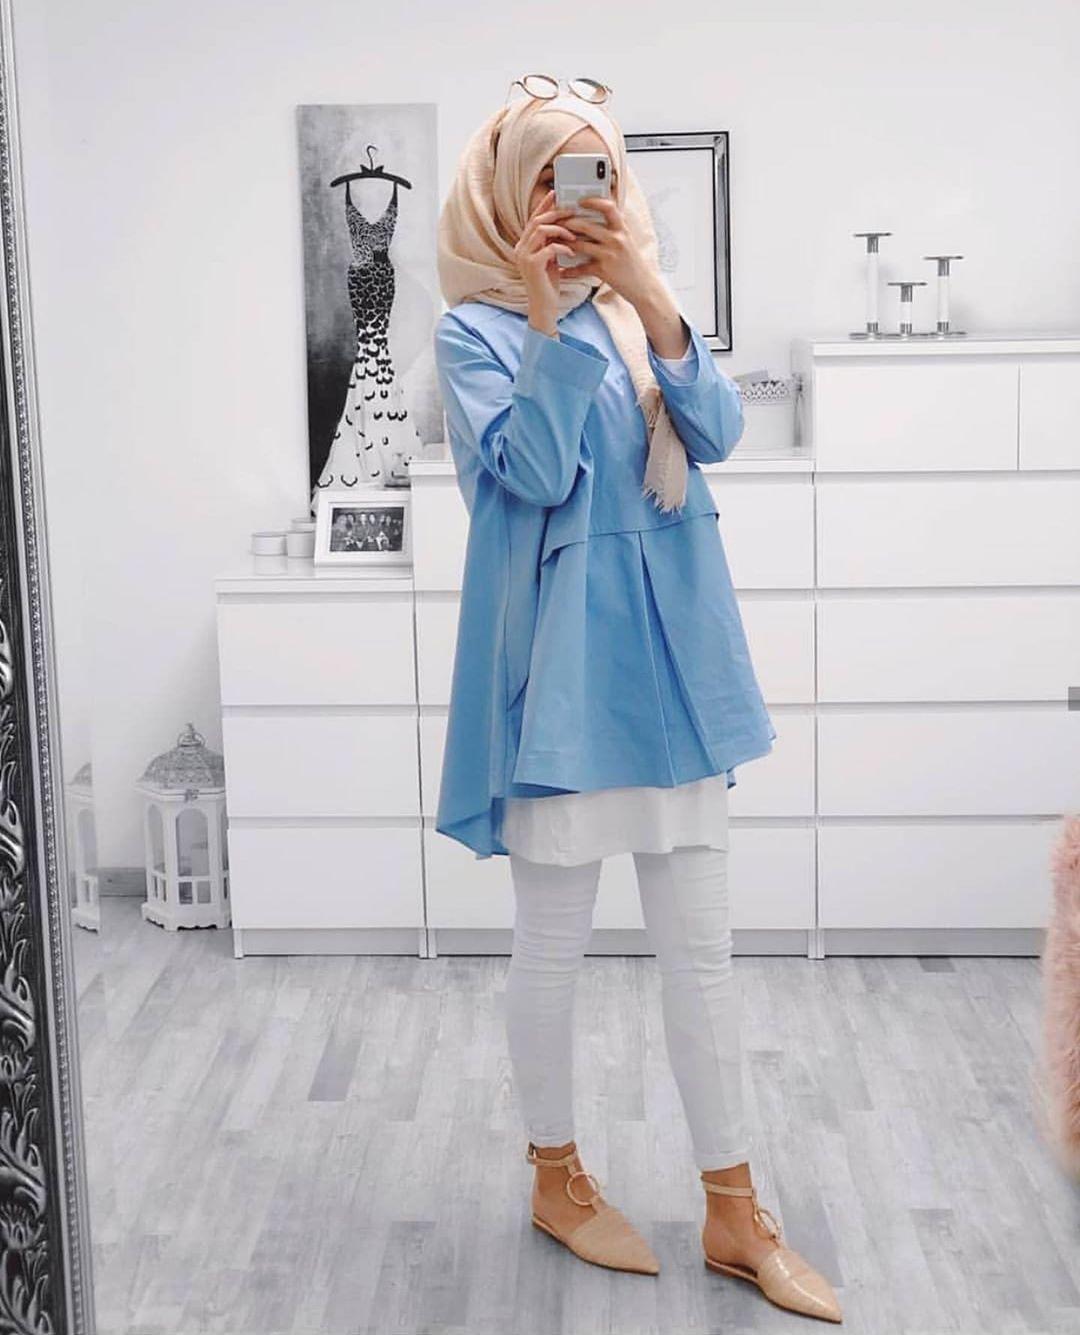 http://rozup.ir/view/2921717/hijab%20-manto-2978%20(3).jpg